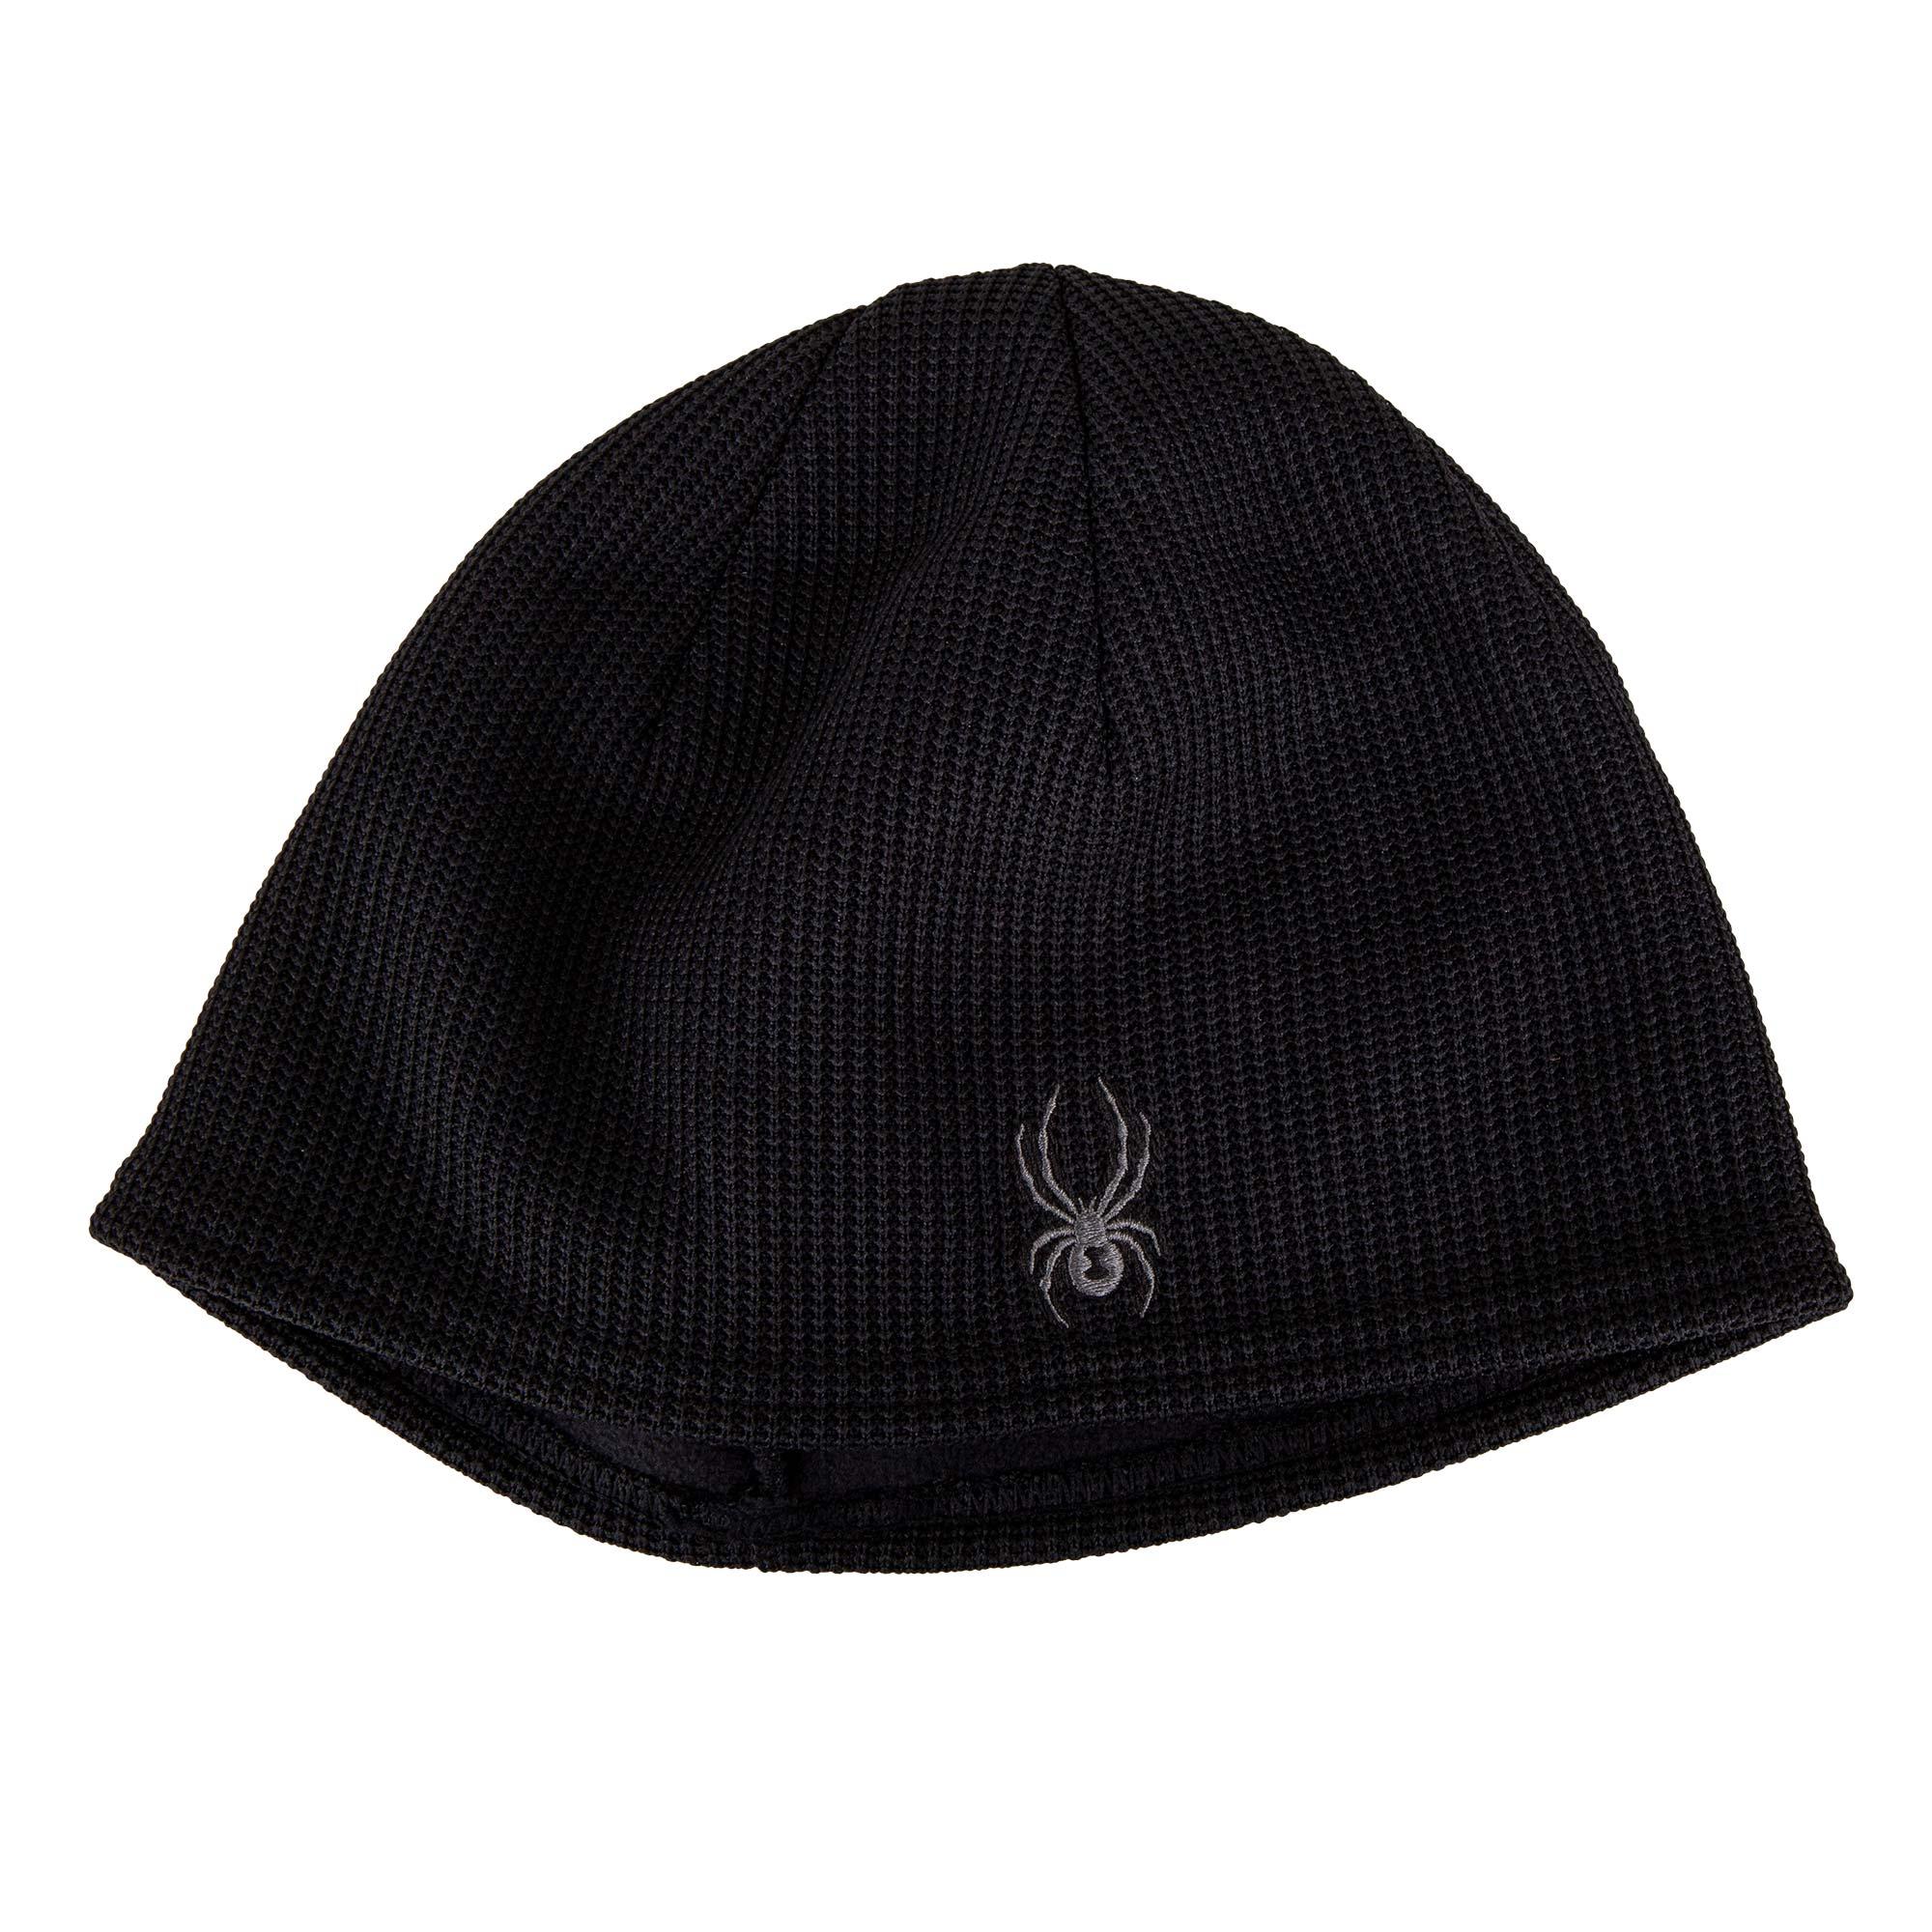 3bcbe37750084 ... Bonnet noir pour homme SPYDER. Passez l'hiver bien au chaud avec ce  bonnet et son intérieur en polaire. Bonnet homme 25605 16.99 Degriffstock  in_stock